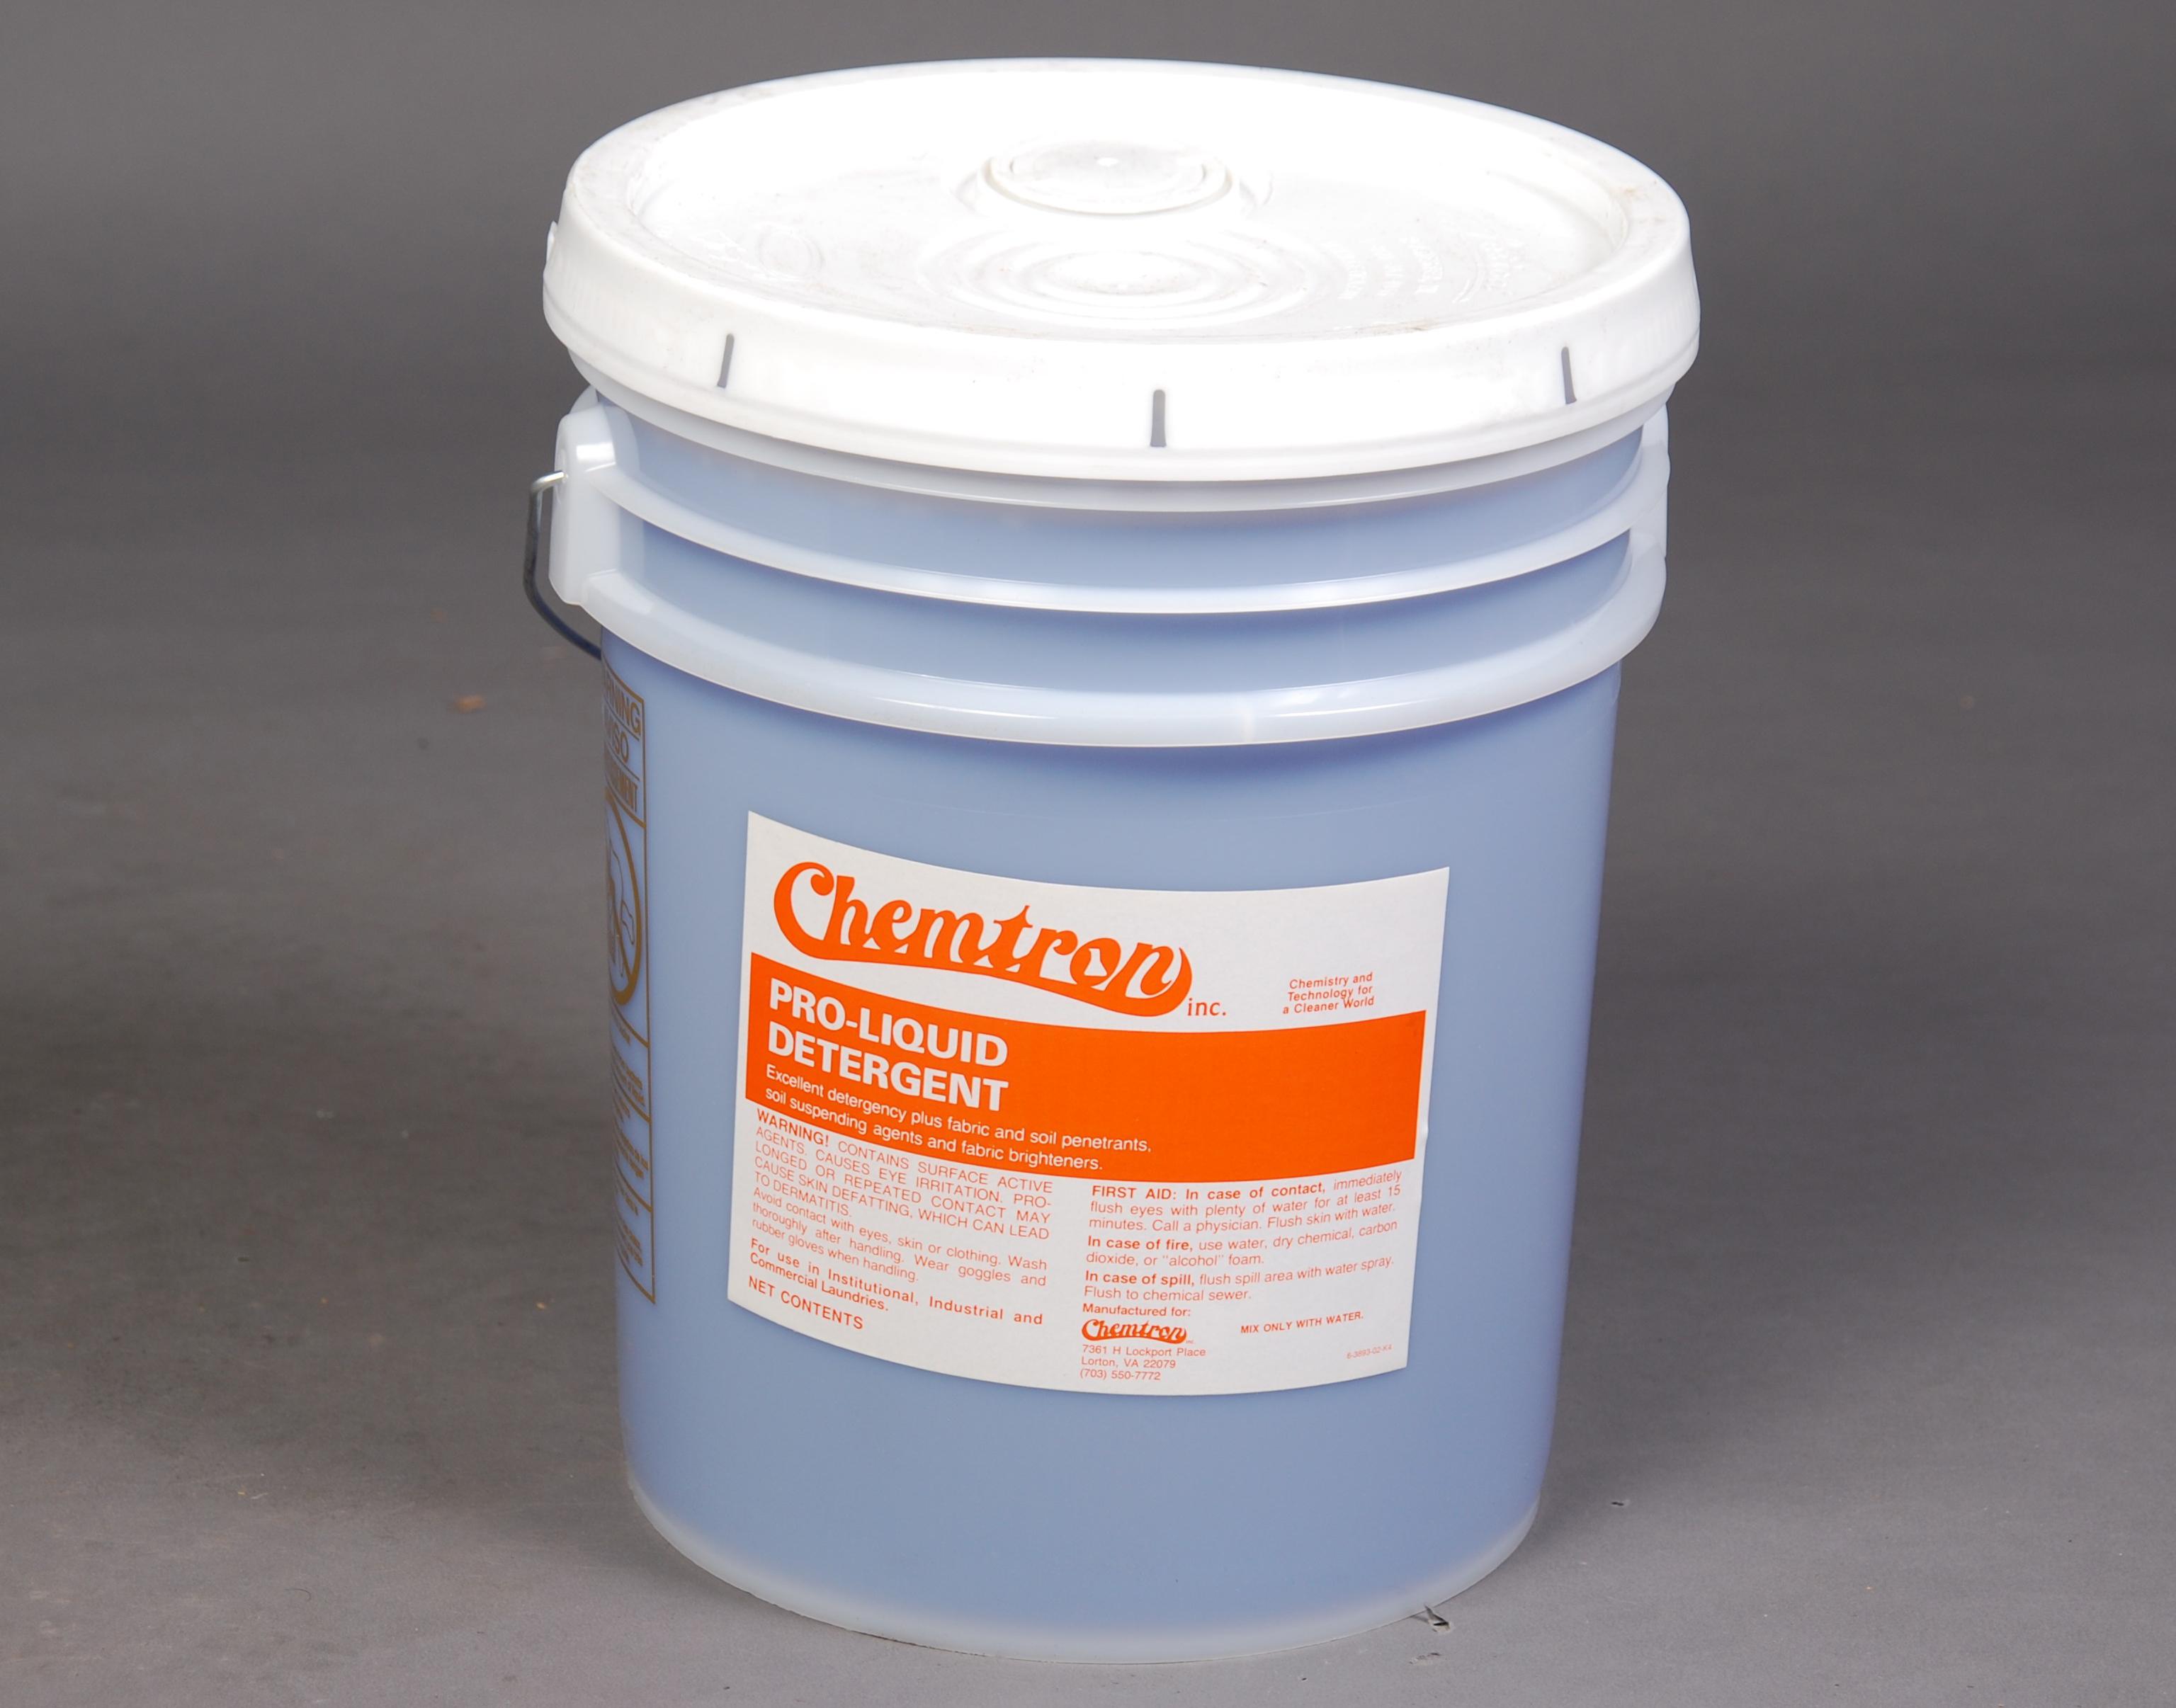 Pro Liquid Laundry Detergent